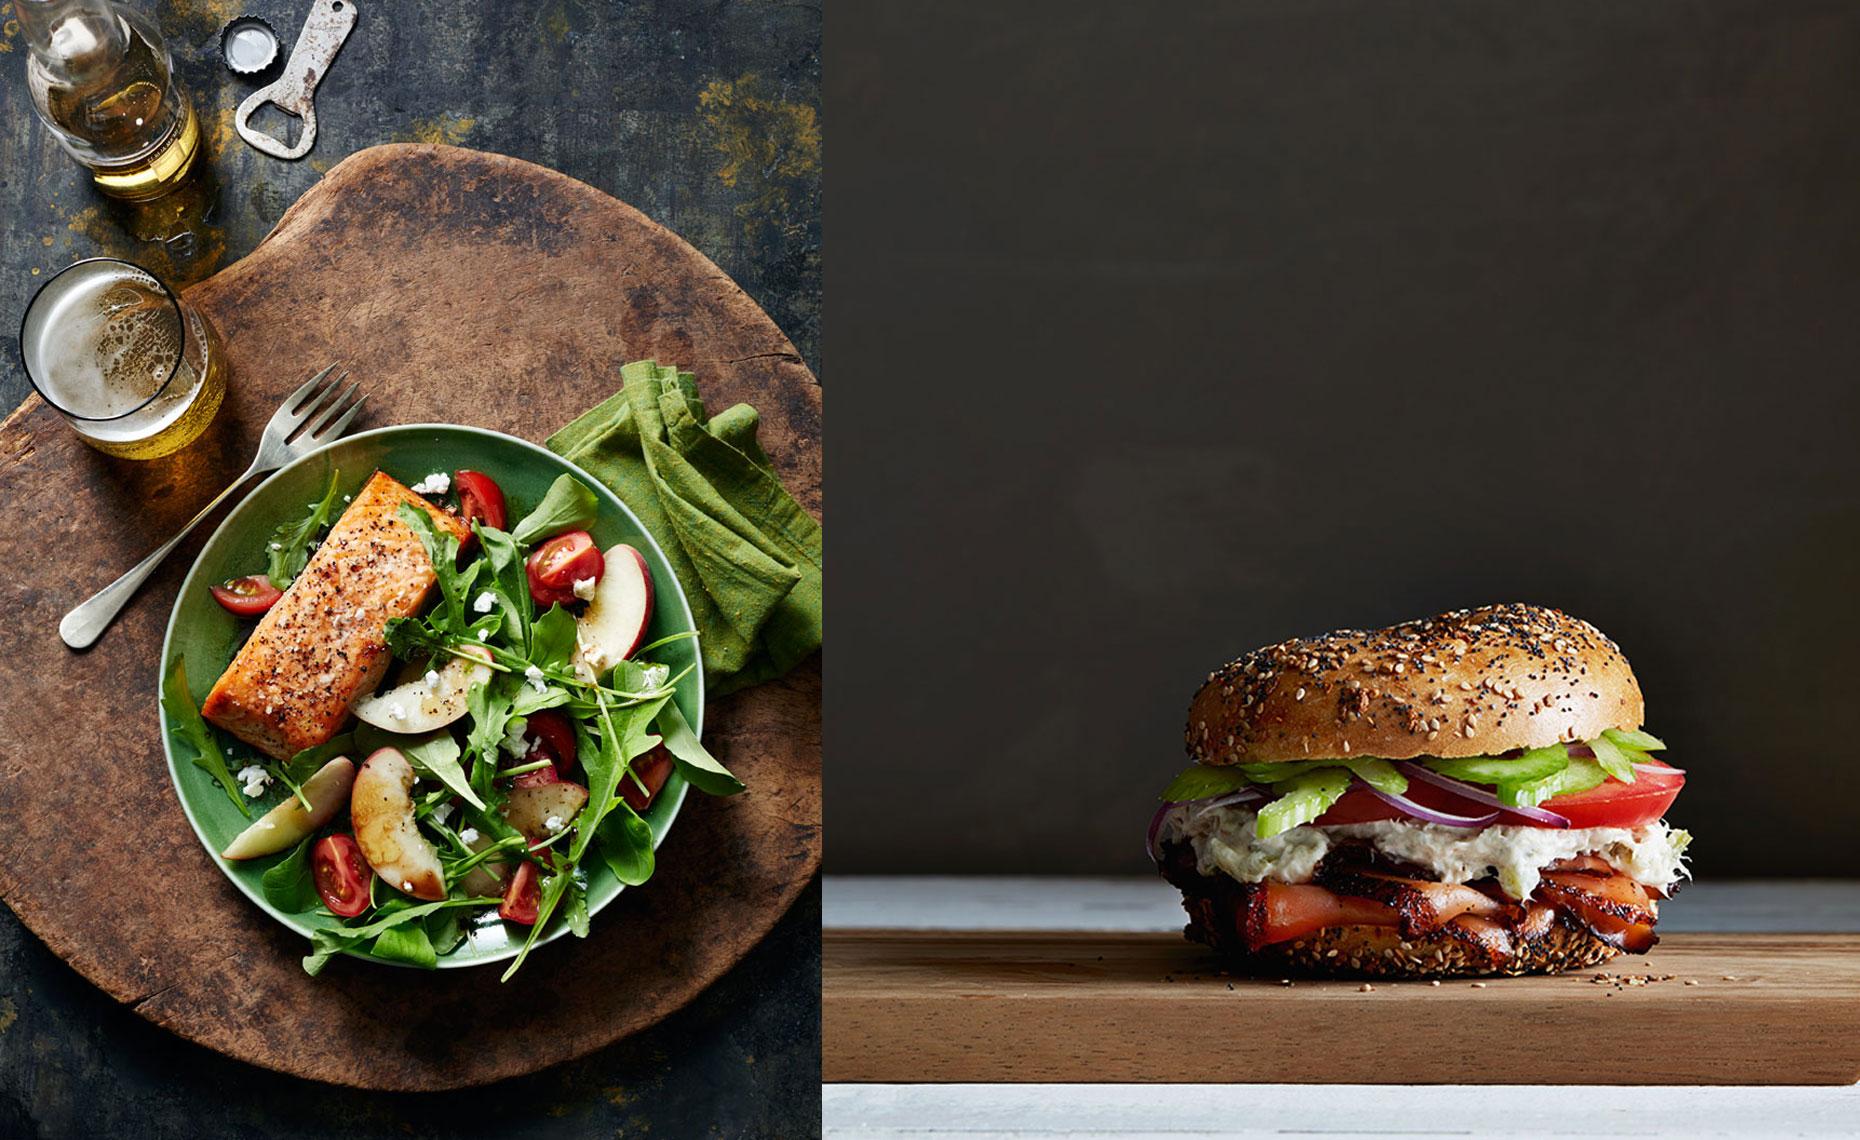 salmon-salad-and-pastrami-bagel.jpg